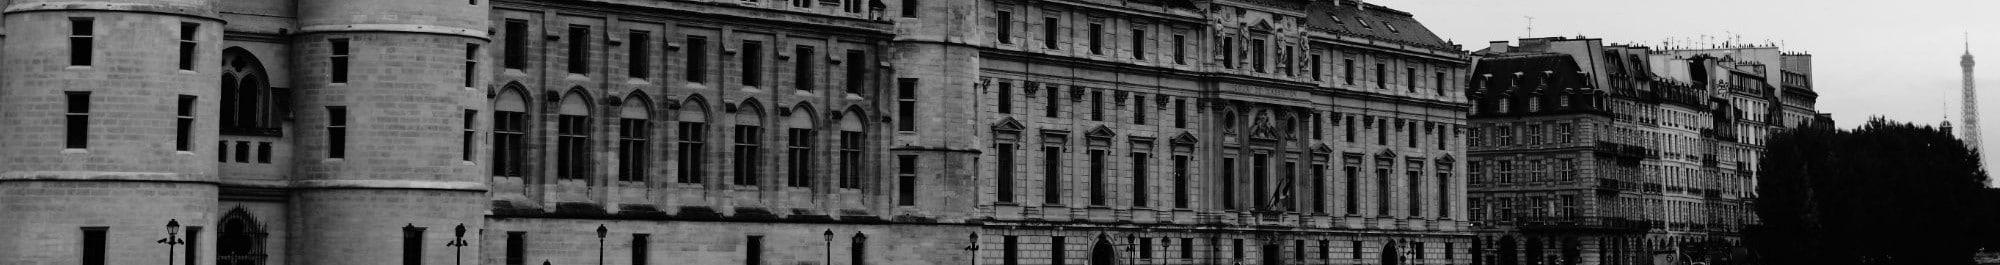 Toits - Palais de Justice de PARIS © Cabinet MCE - Marie Camille ECK, Avocat au Barreau de PARIS